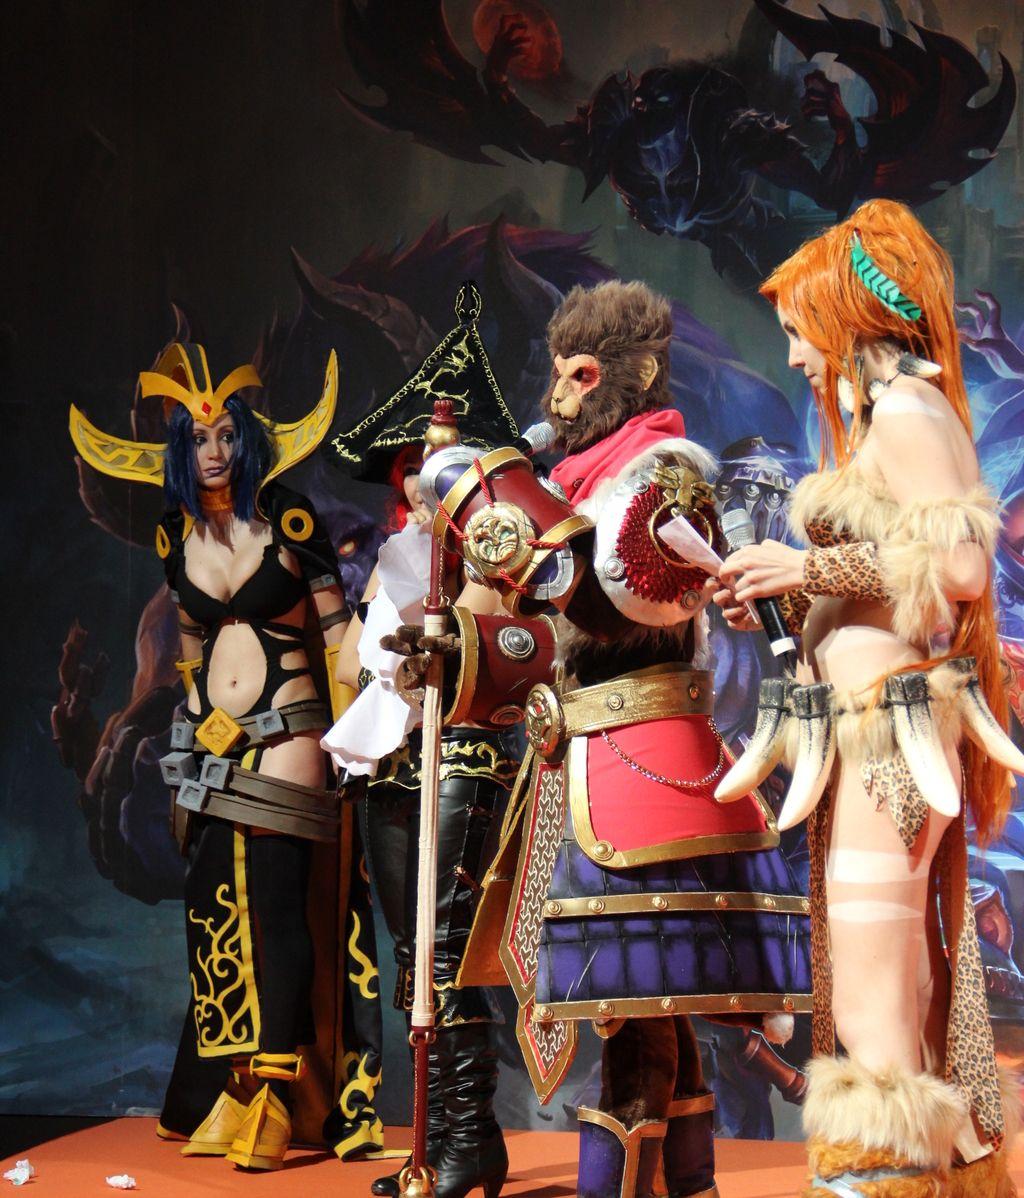 Elise, Miss Fortune, Wukong y Nidalee